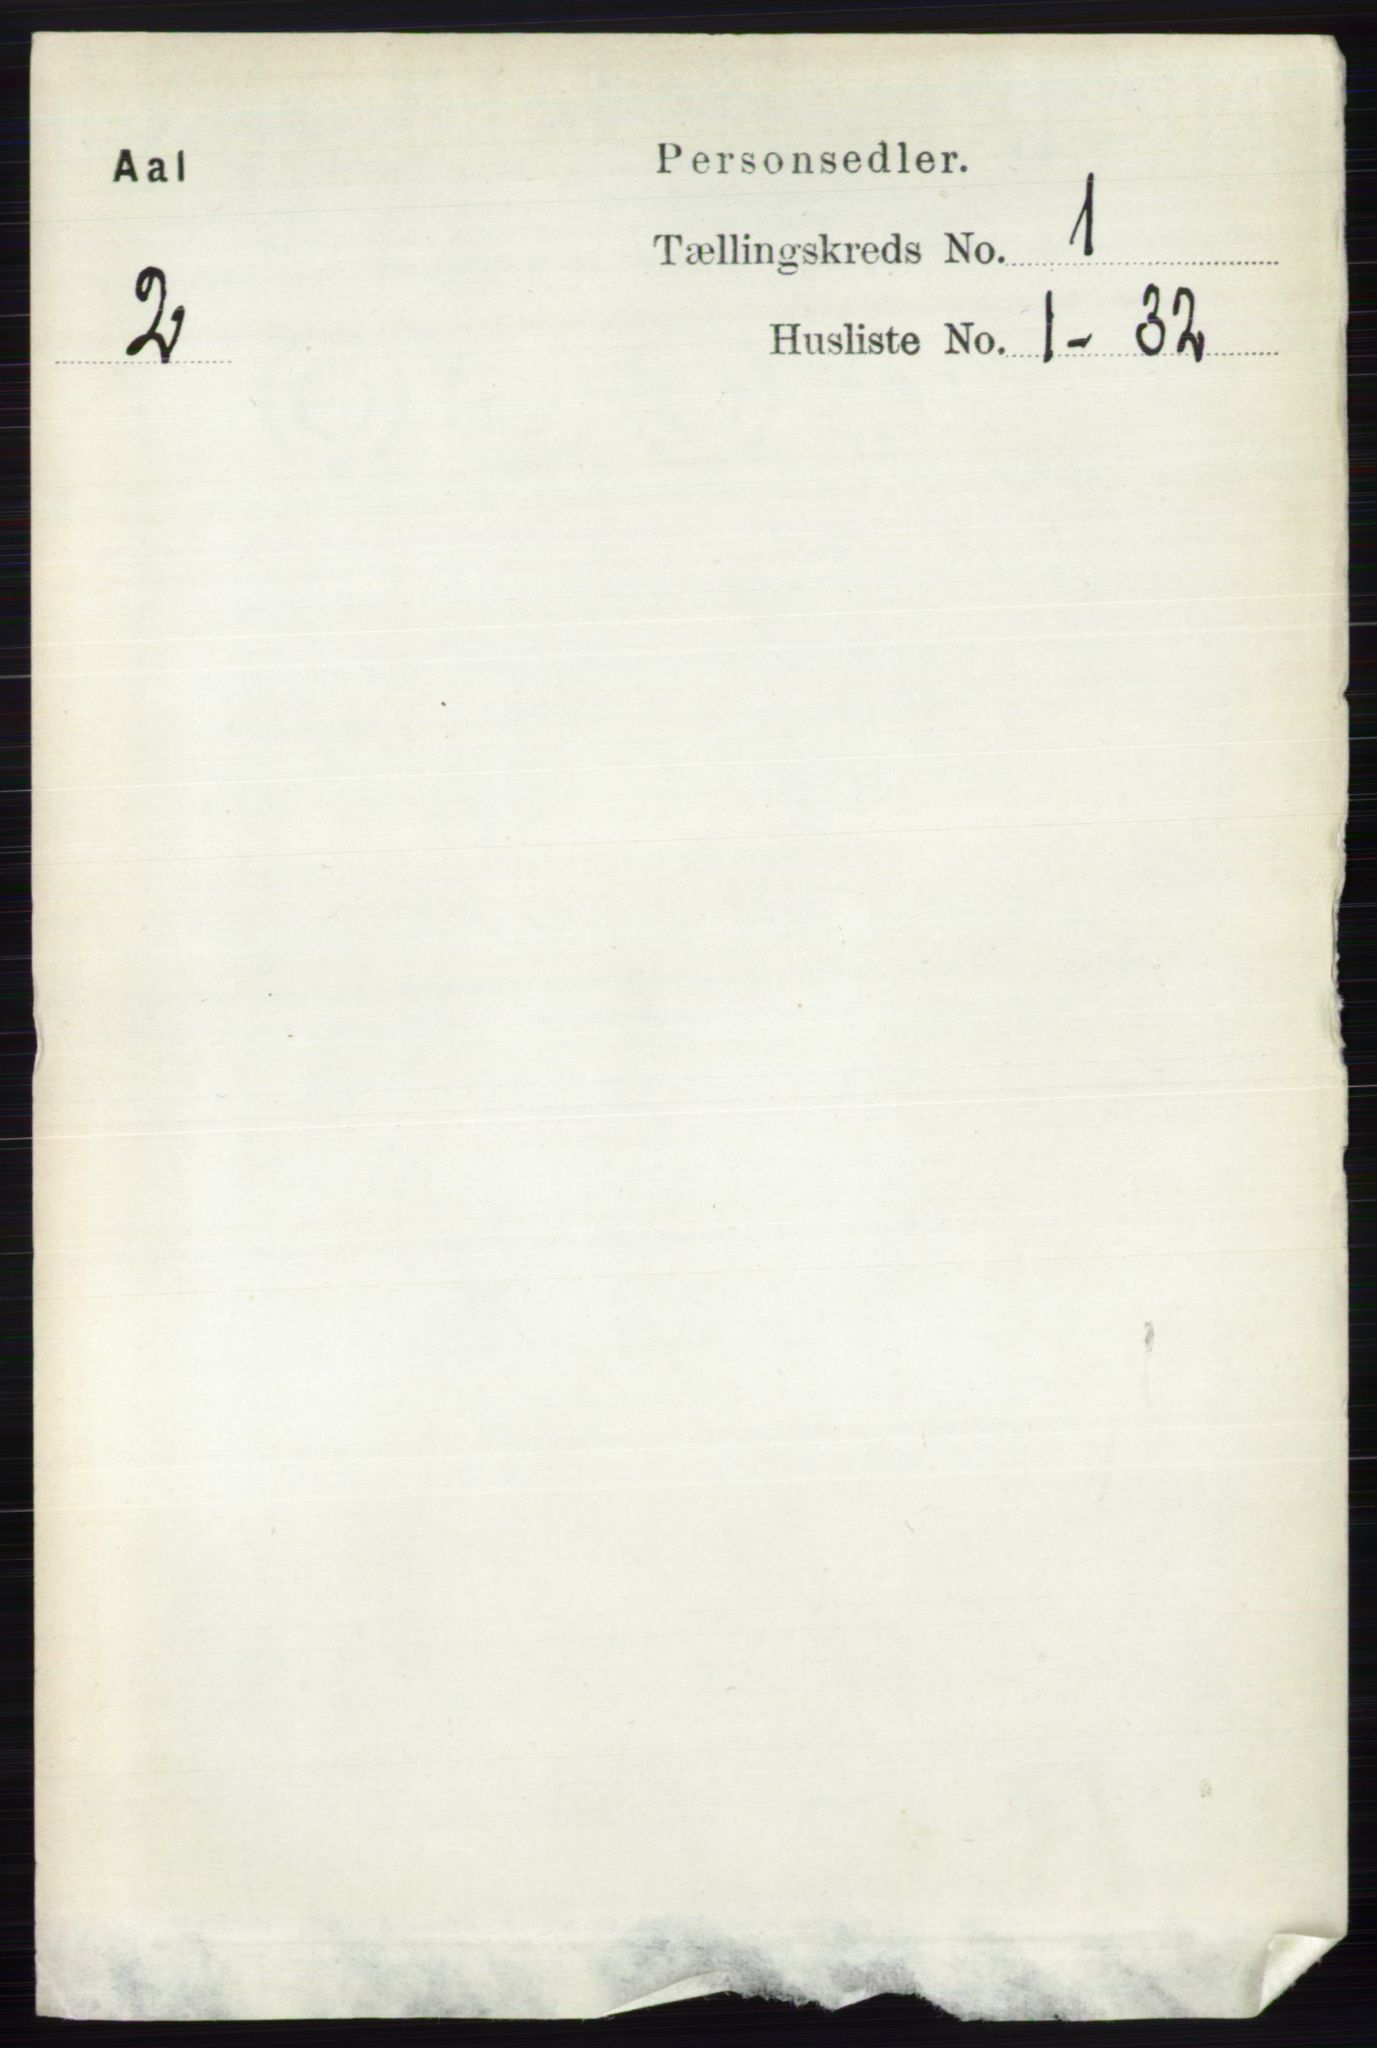 RA, Folketelling 1891 for 0619 Ål herred, 1891, s. 98